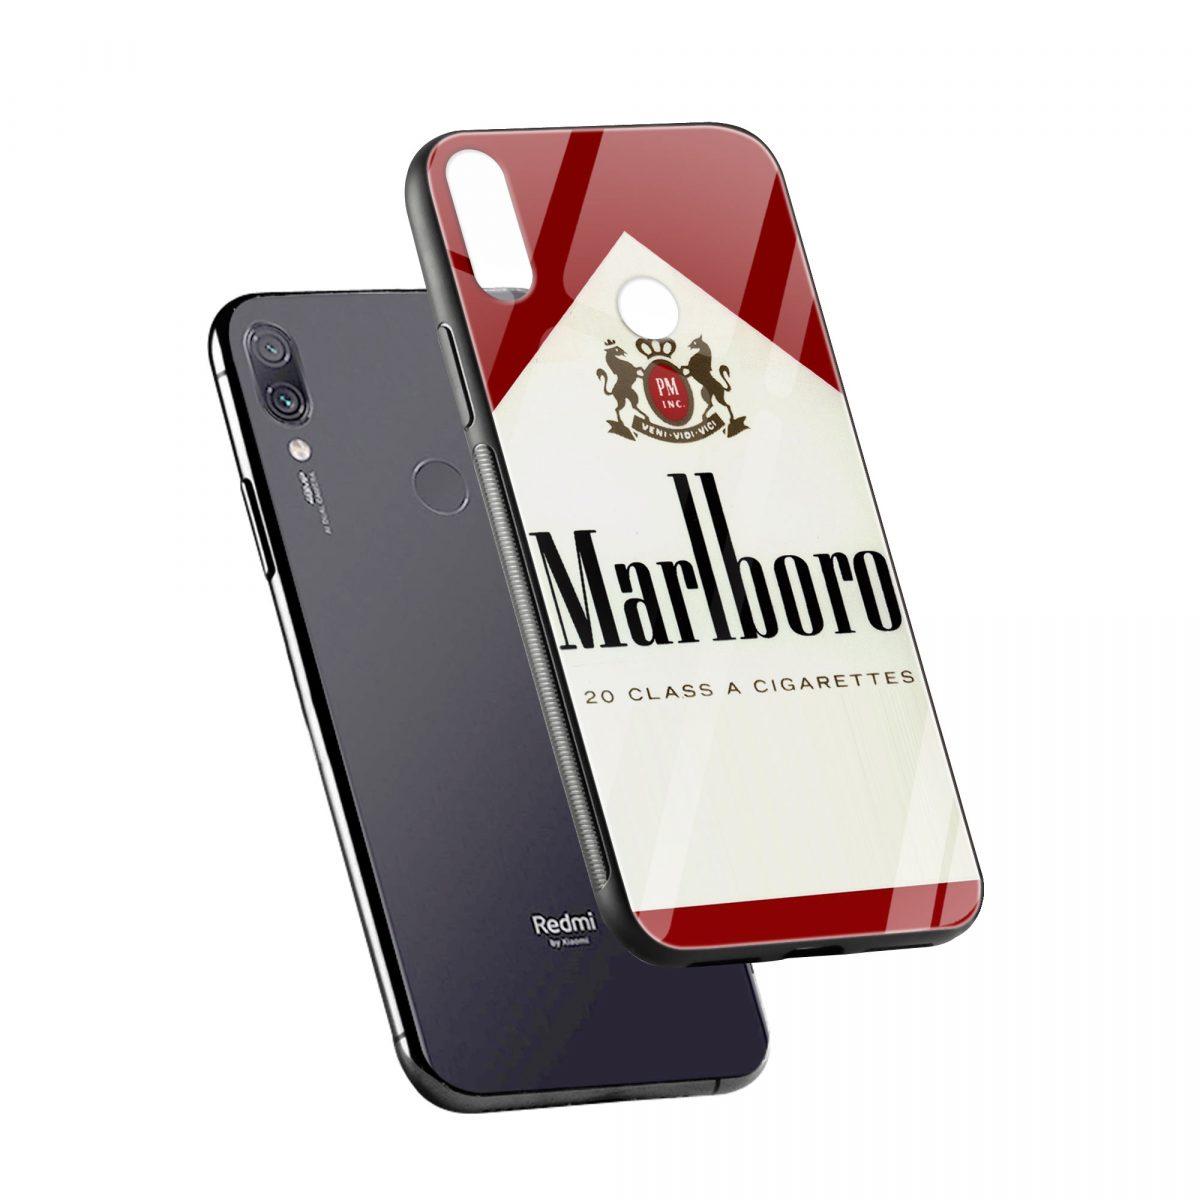 marlboro cigarette custom redmi note7 mobile cover diagonal view 1